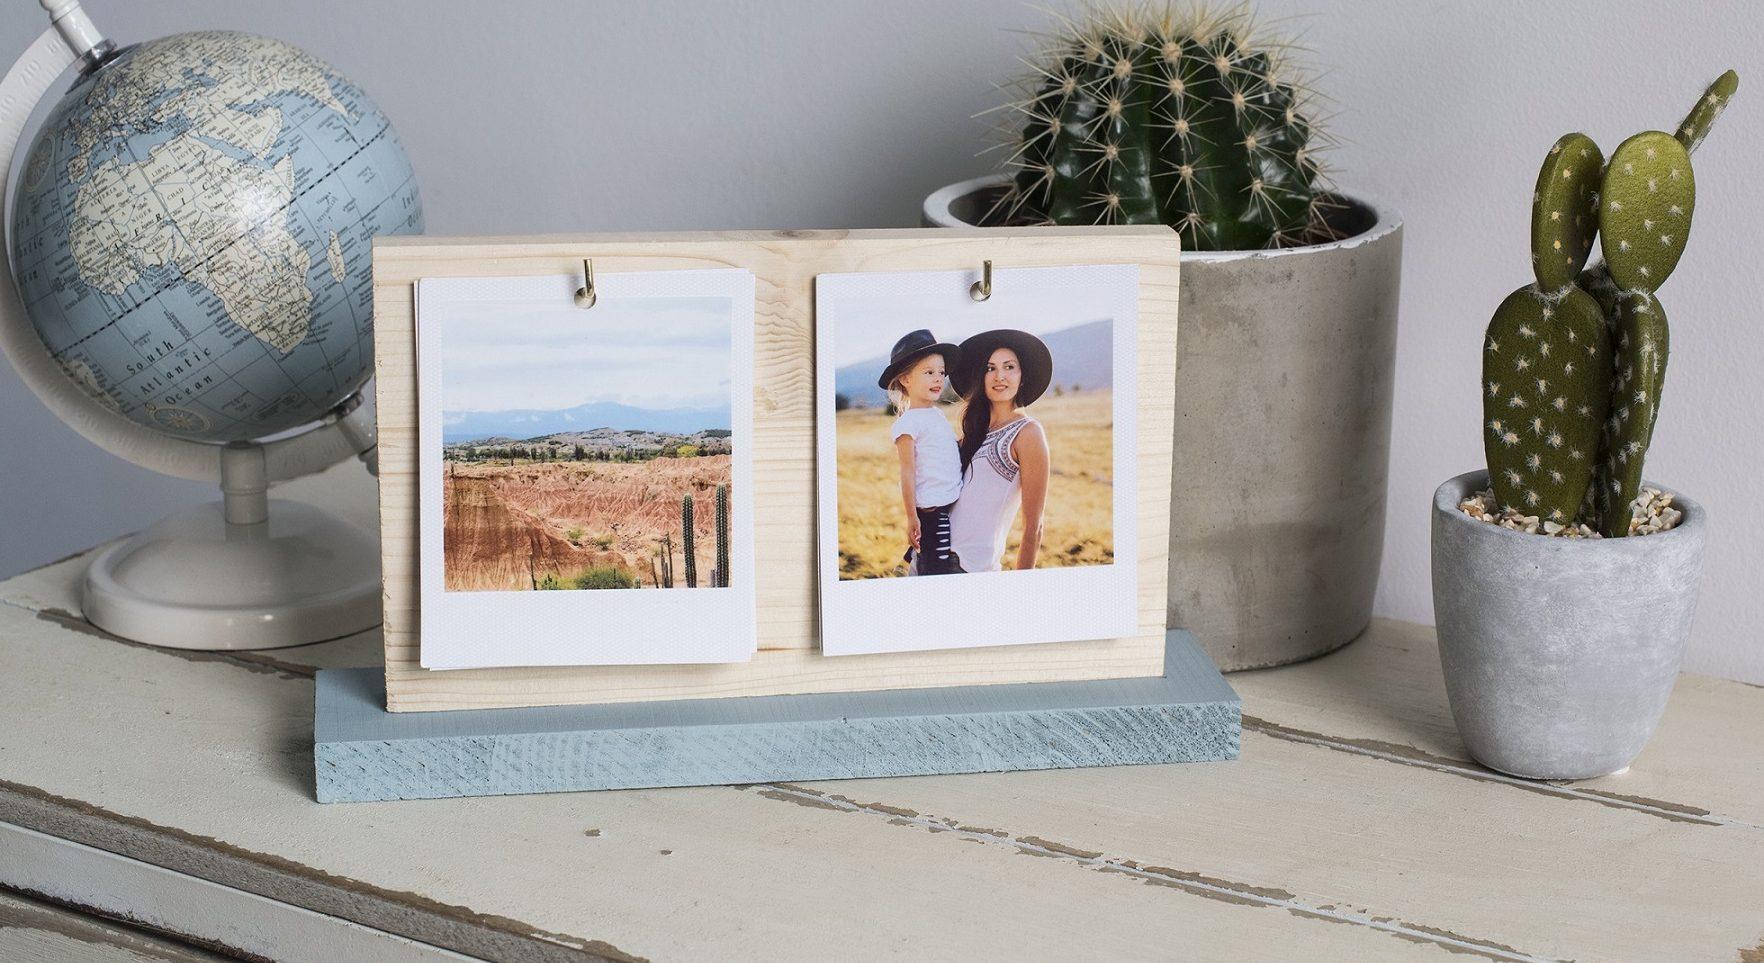 Haz tu propio marco de fotos intercambiable DIY!